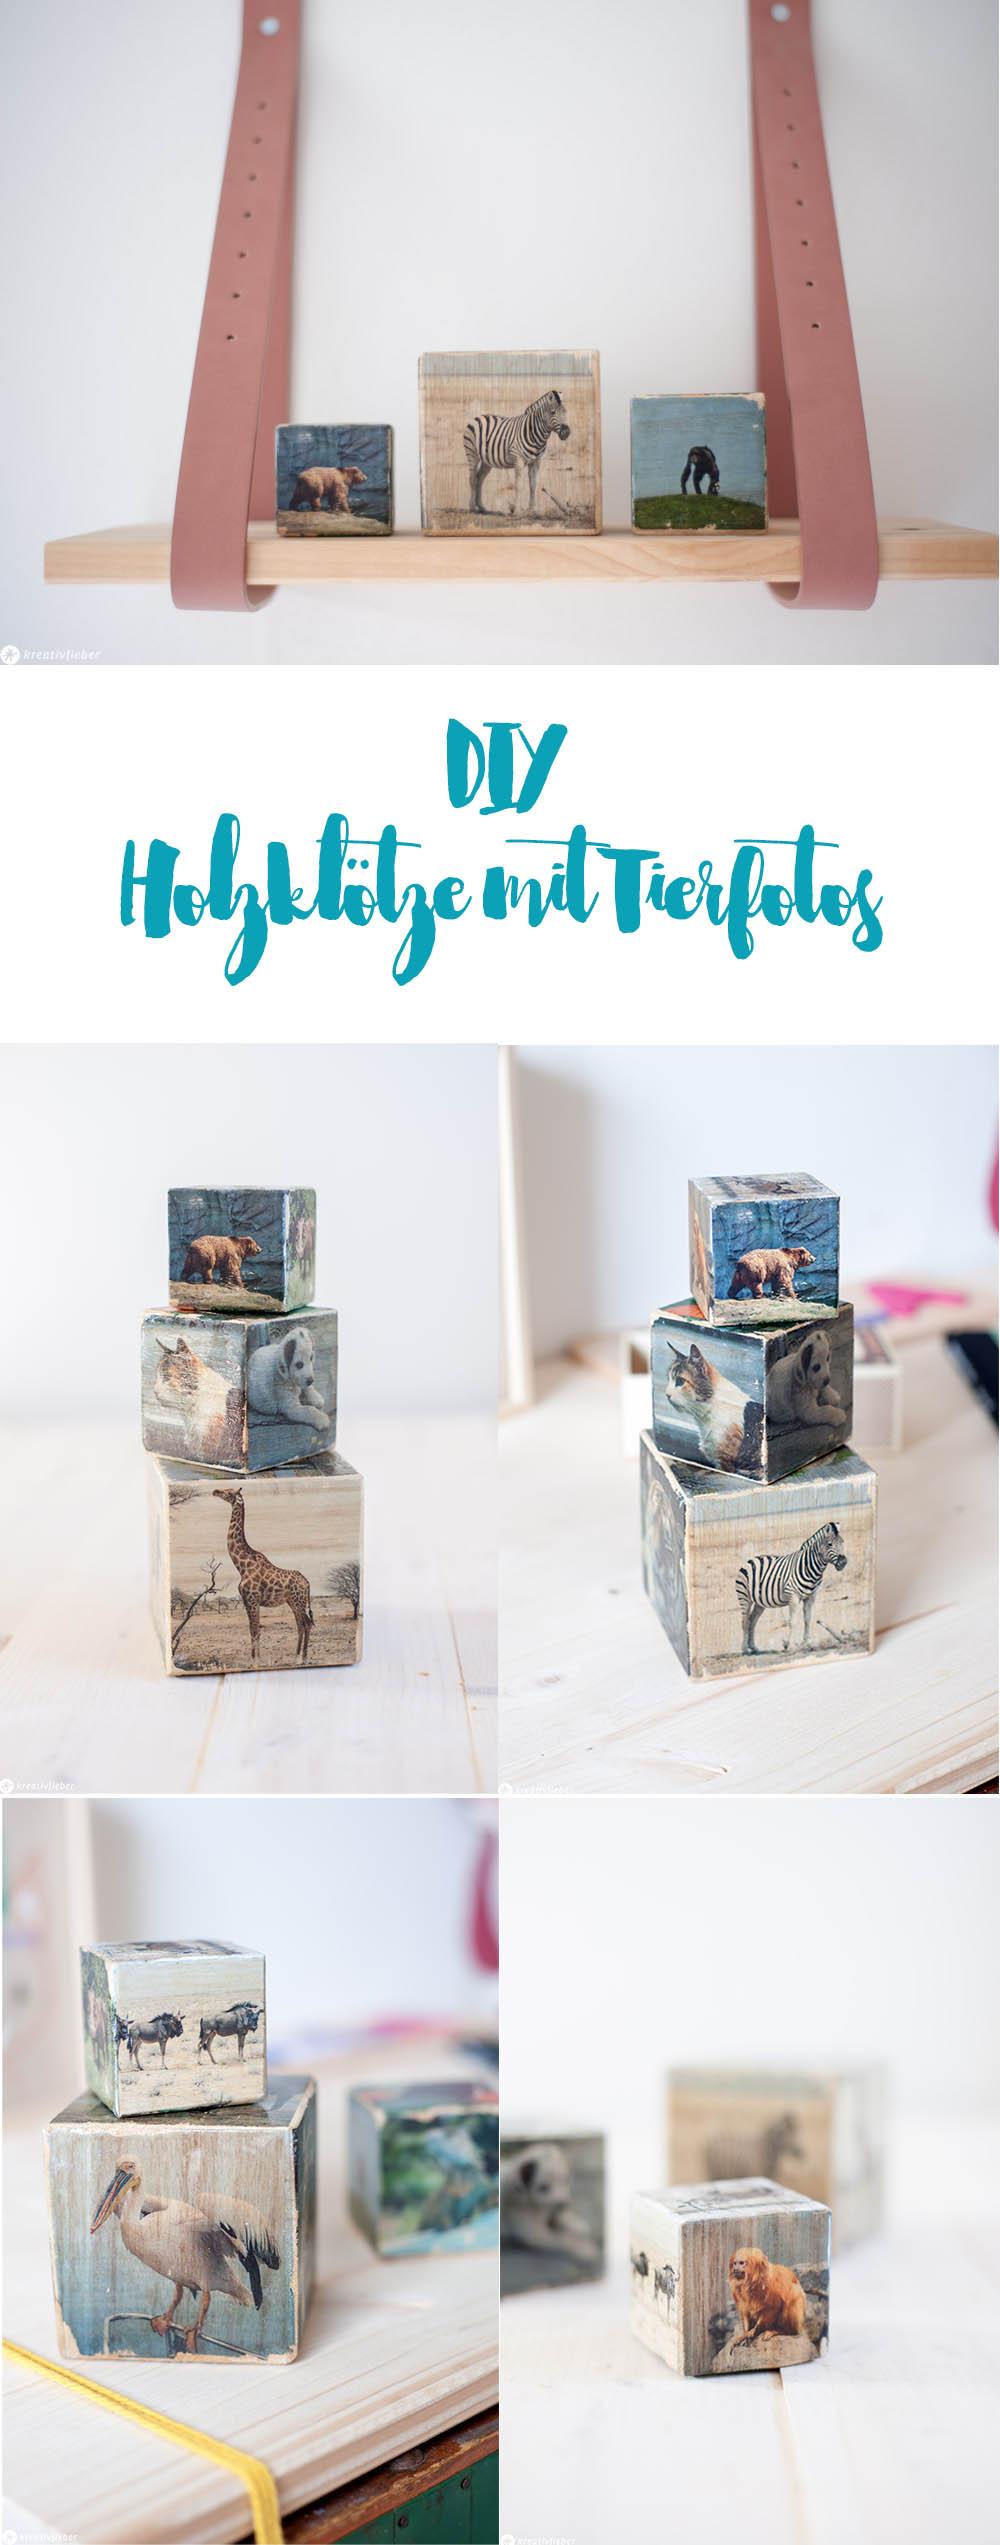 DIY Holztransfer Fotos mit Tieren auf Würfel Dekoidee geschenke für Kinder